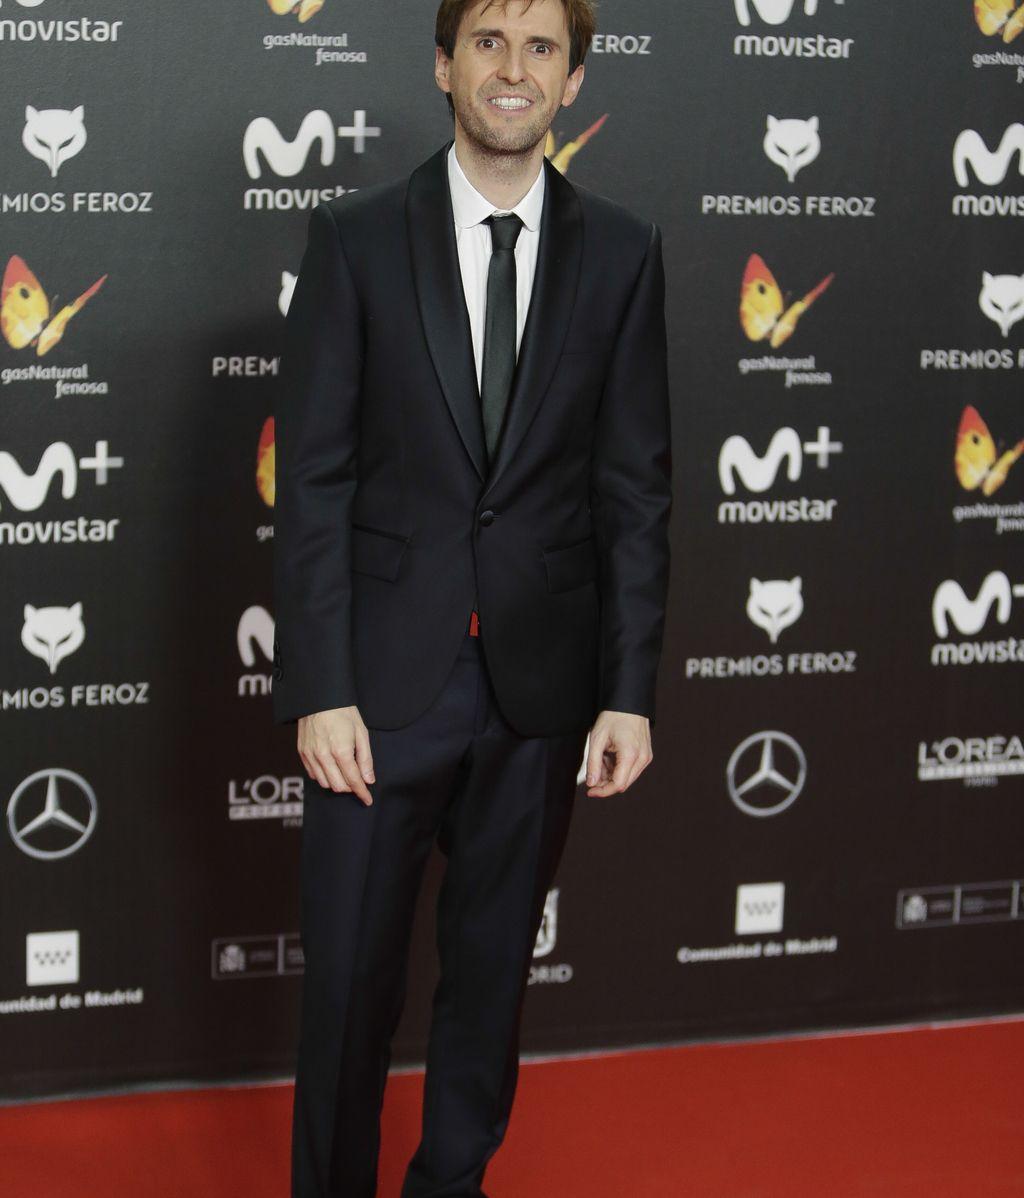 El actor Julián López, presentador de esta 5ª edición de los Premios Feroz